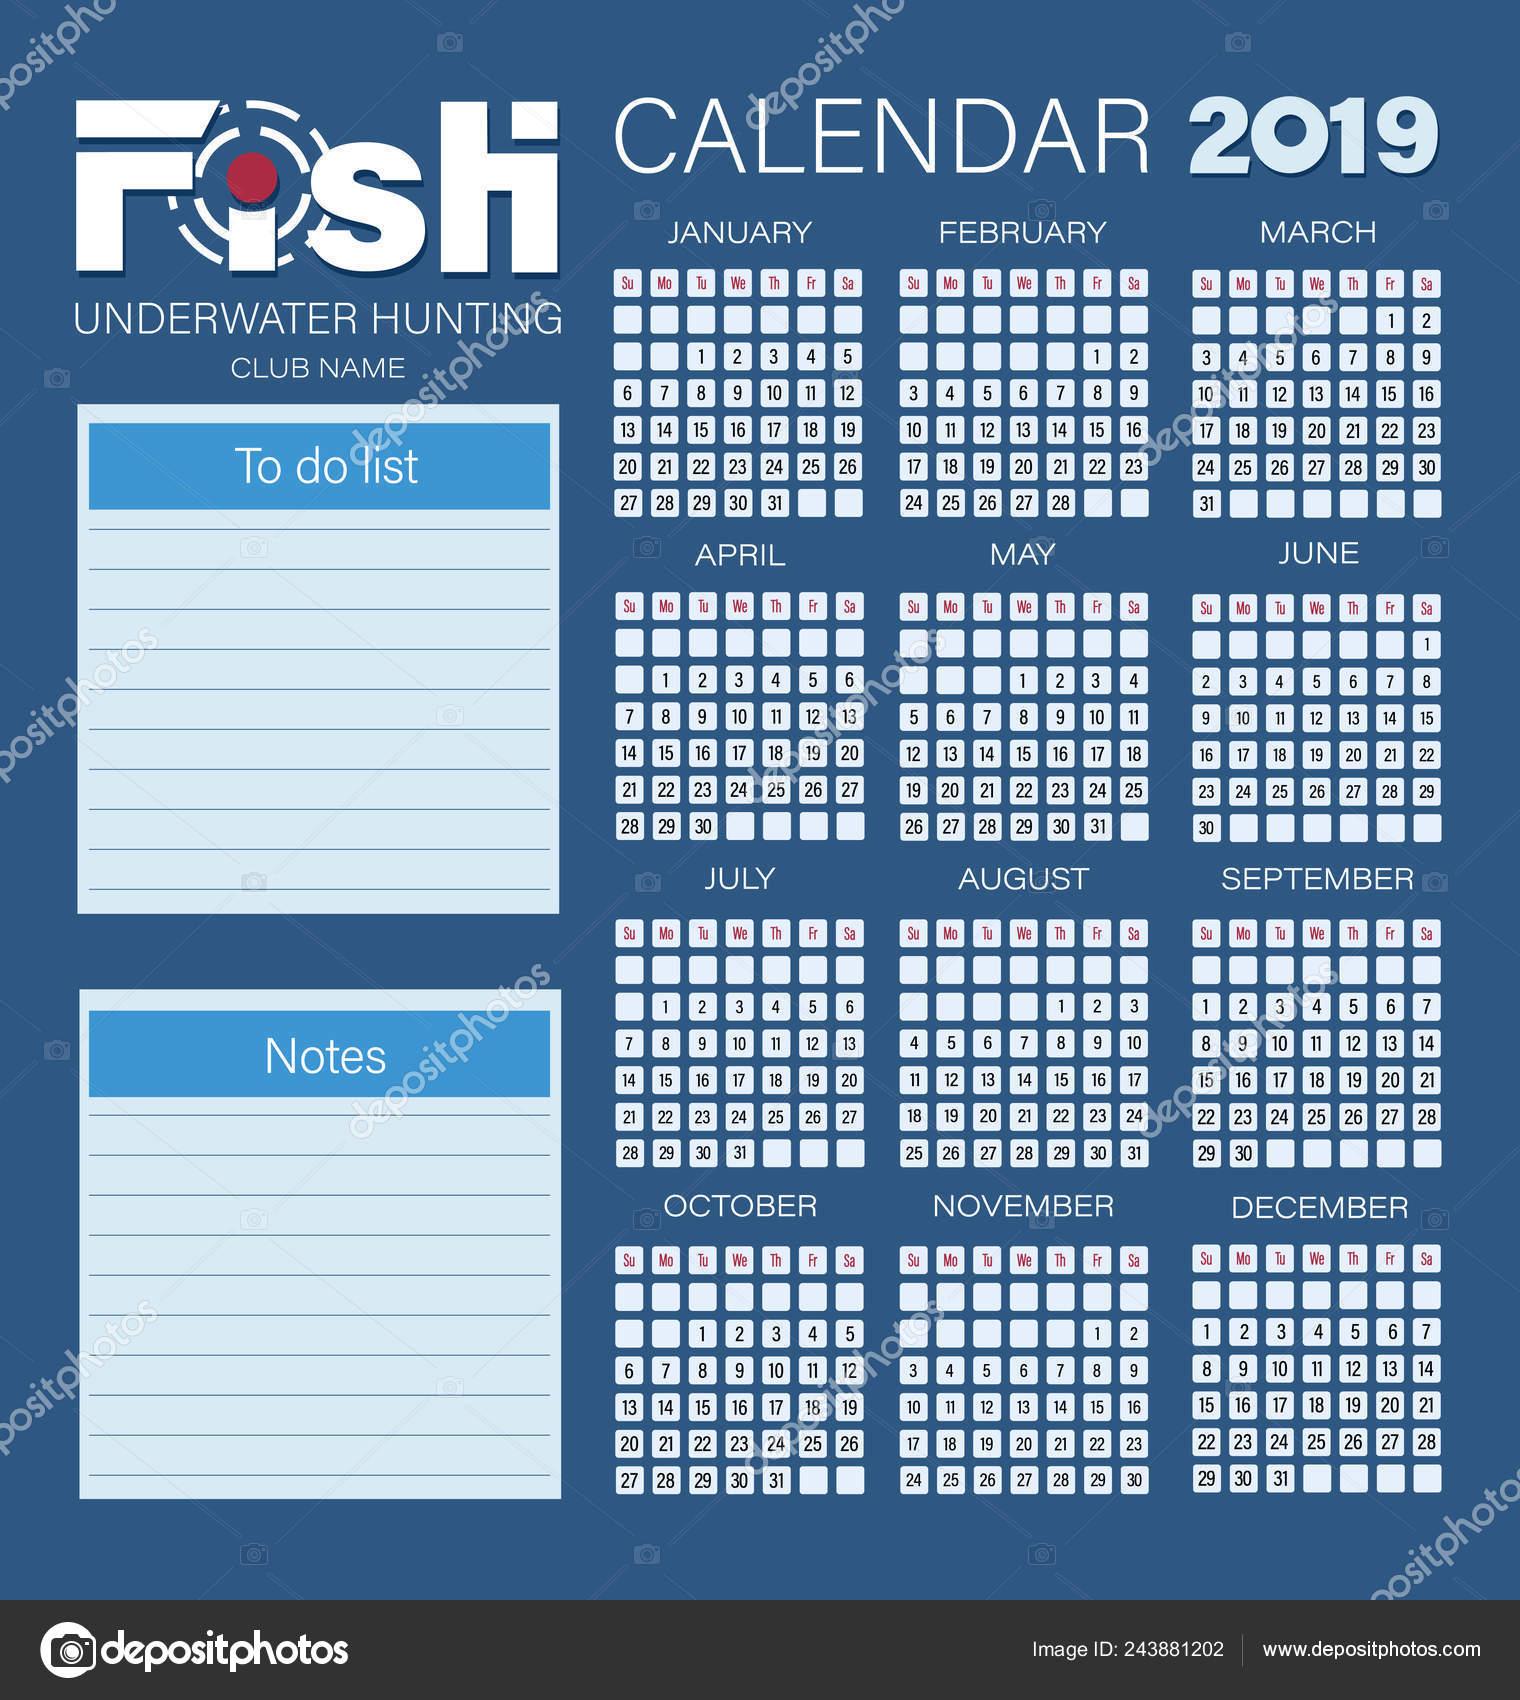 Calendario De Pesca.Planificador Calendario Para Ano 2019 Pescado Caza Submarina Semana